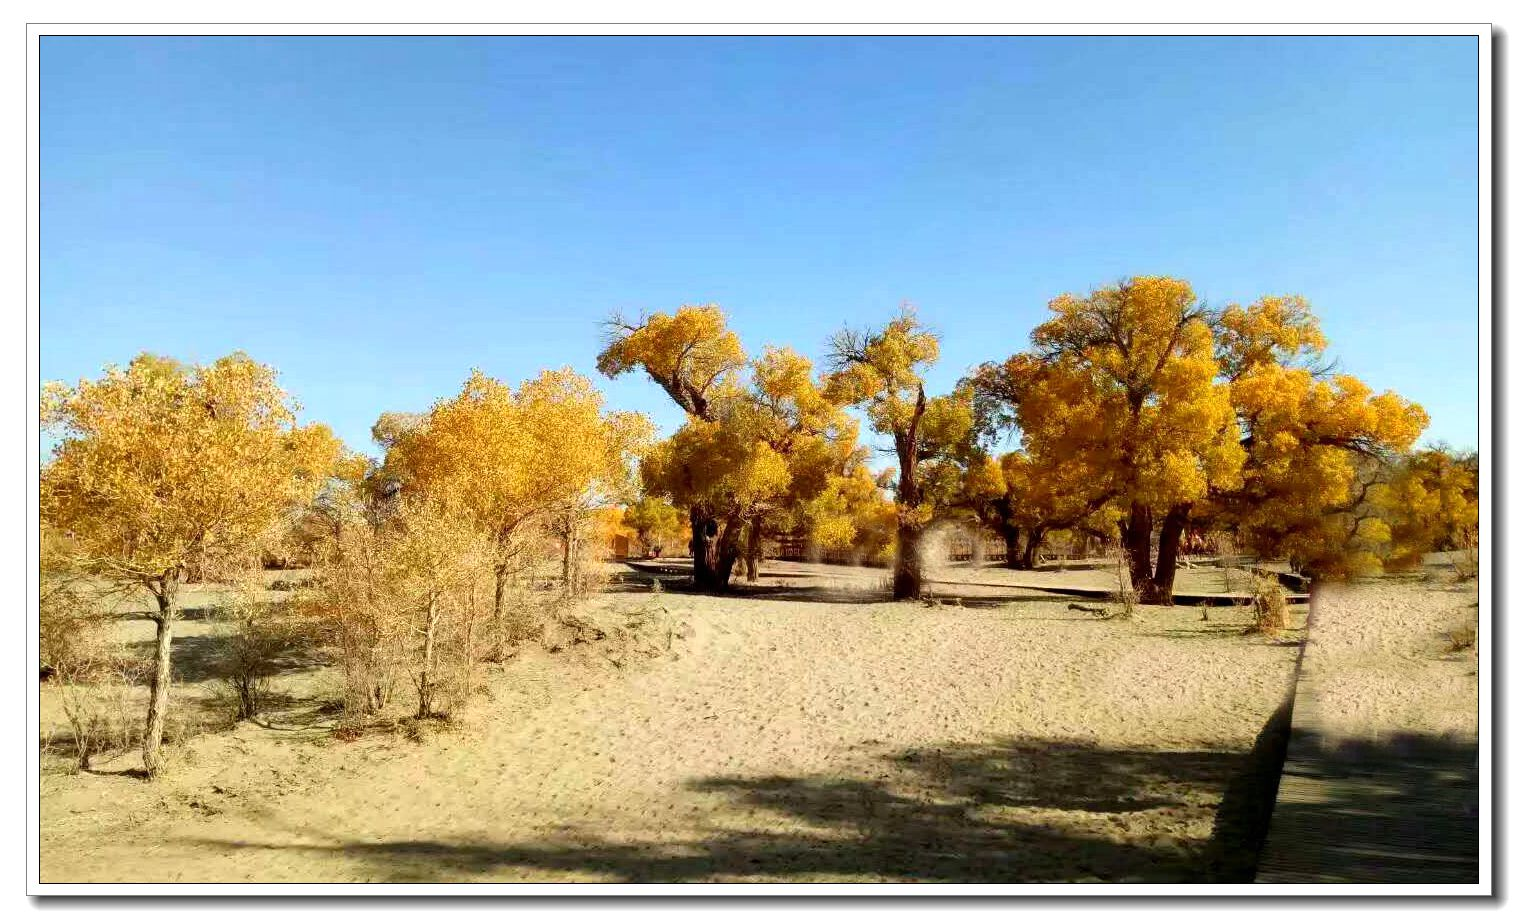 胡杨,又称胡桐(汉书)、英雄树、异叶胡杨、异叶杨、水桐、三叶树, 是杨柳科杨属胡杨亚属的一种植物,常生长在沙漠中,它耐寒、耐旱、耐盐碱、抗风沙,有很强的生命力。这是一个神奇的树种,它的生长总是和凤凰与鲜血紧密相连。这是一个多变的树种,春夏为绿色,深秋为黄色,冬天为红色。这是一个坚强的树种,胡杨生而千年不死,死而千年不倒,倒而千年不朽。胡杨是生长在沙漠的唯一乔木树种,且十分珍贵,可以和有植物活化石之称的银杏树相提并论。它曾经广泛分布于中国西部的温带暖温带地区,新疆库车千佛洞、甘肃敦煌铁匠沟、山西平隆等